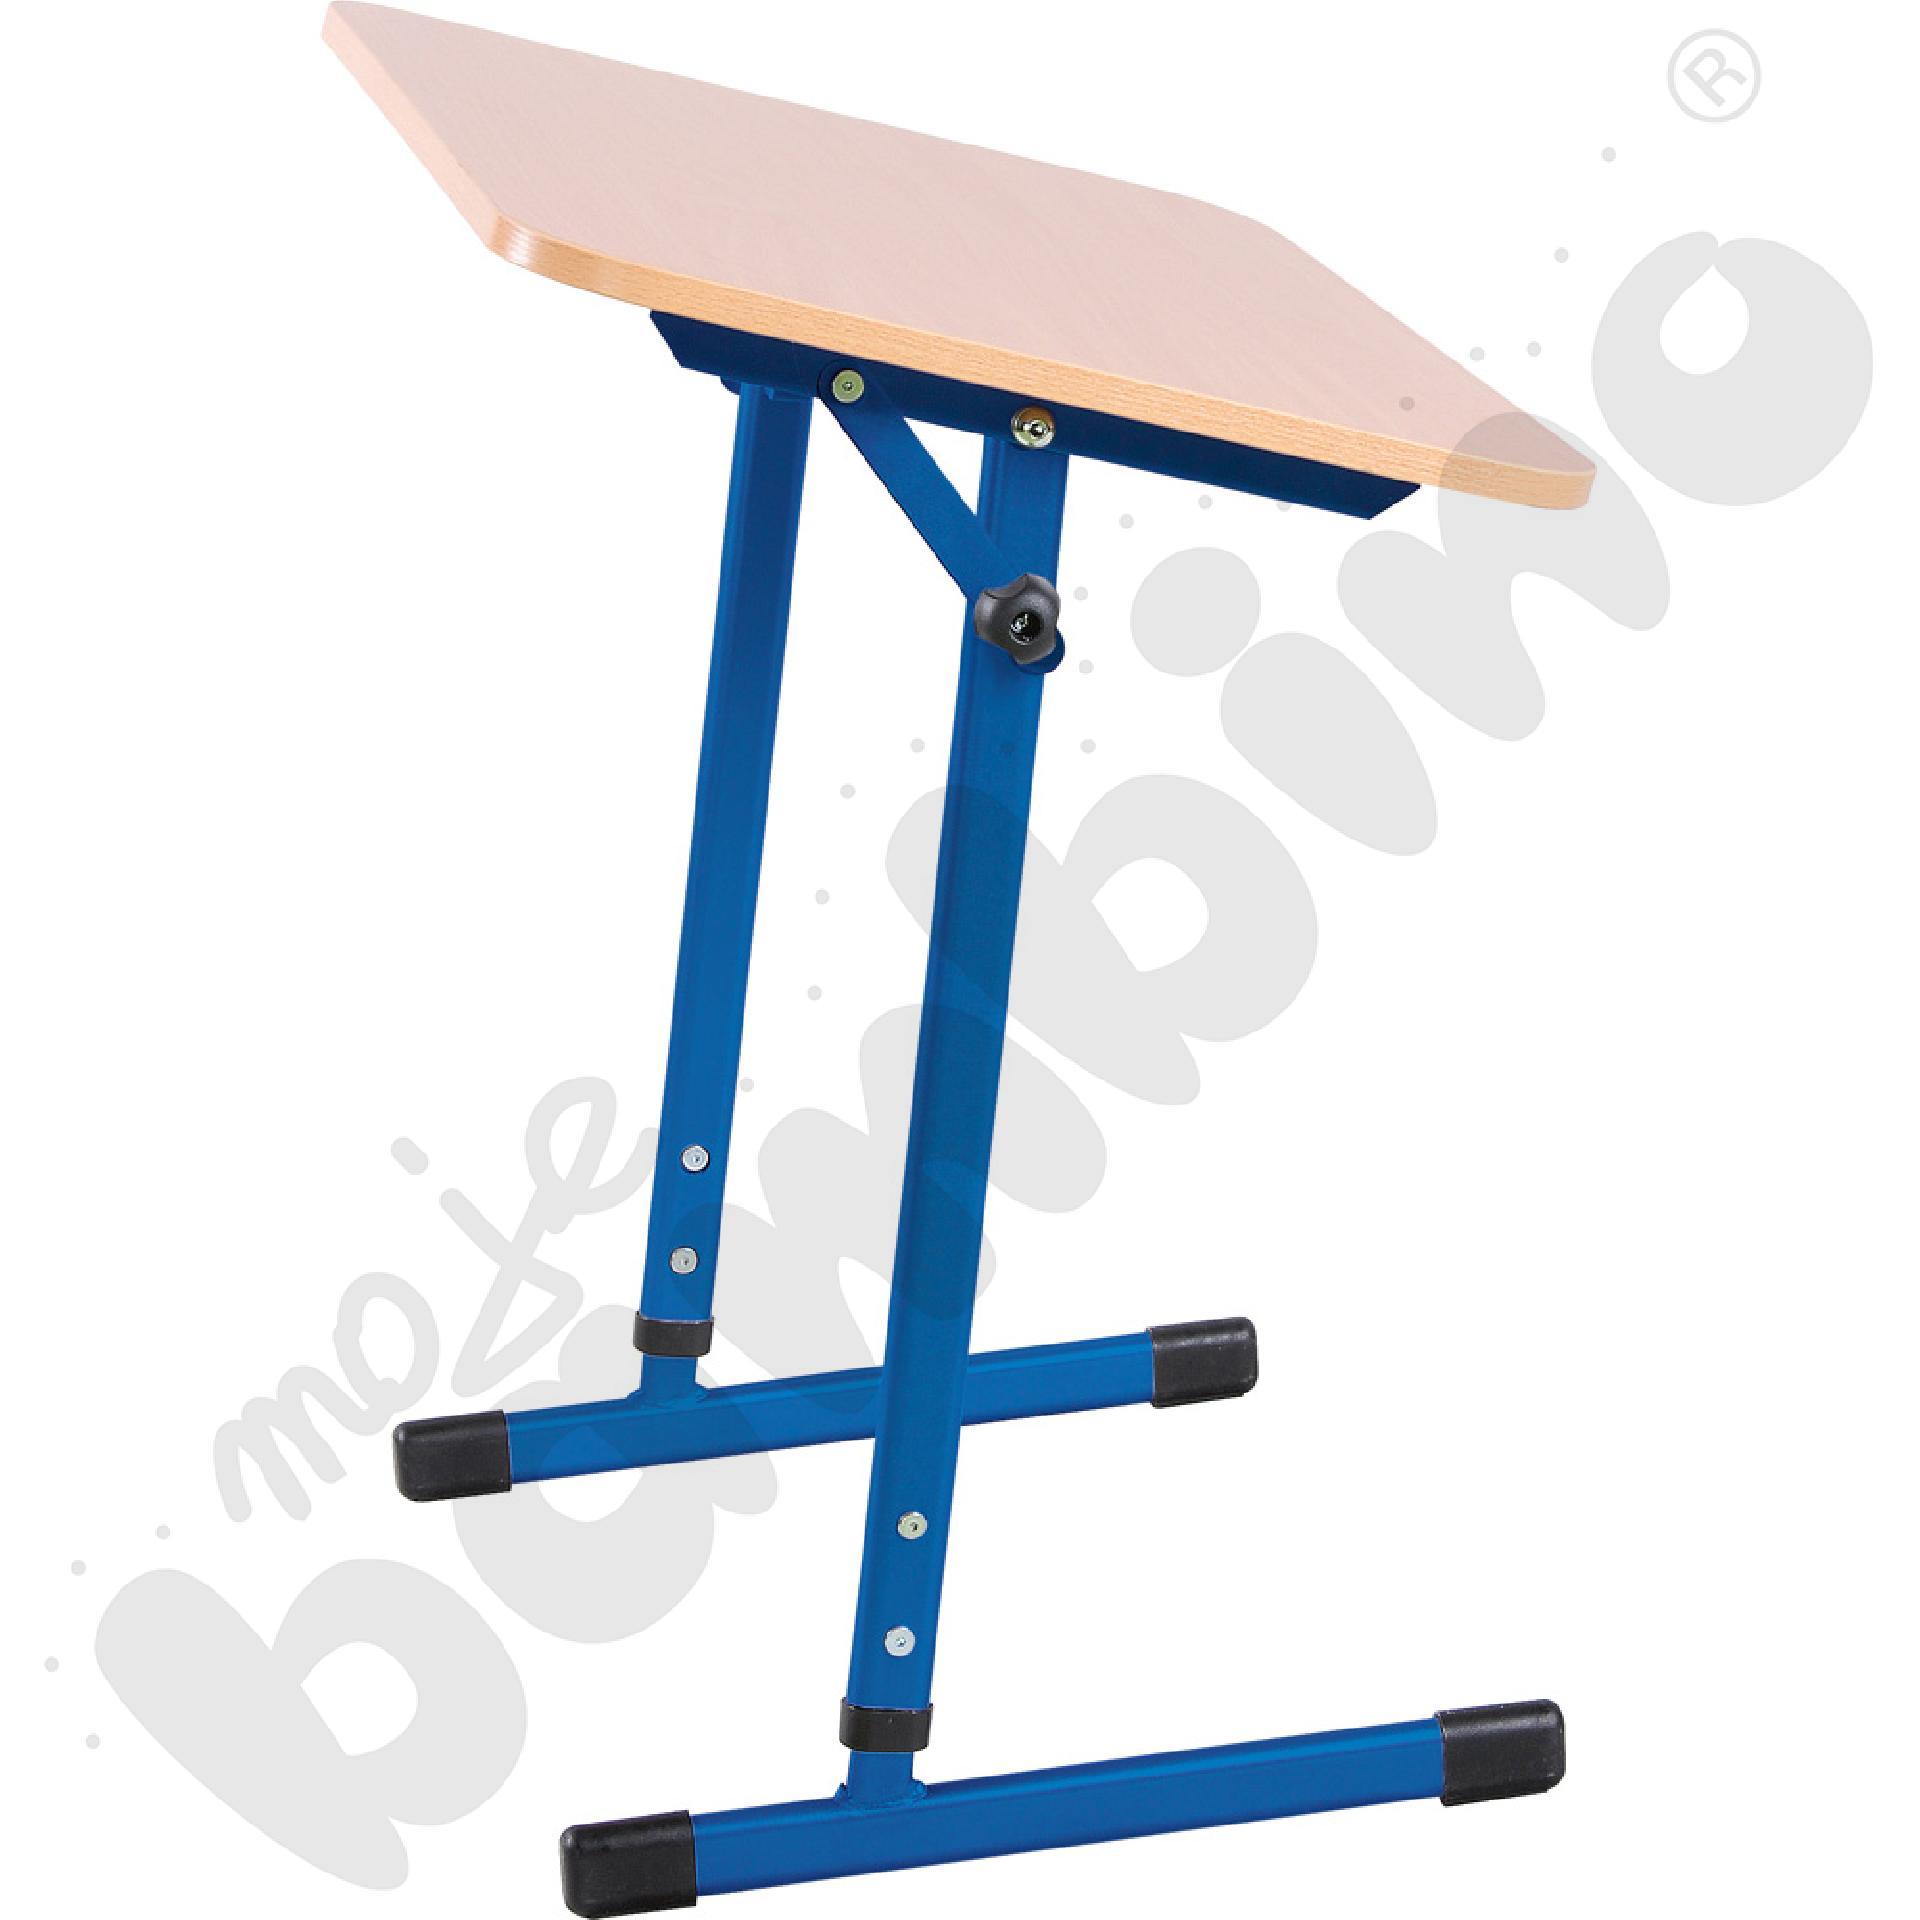 Stabilny stół pochylny 1-os. T 5-6 niebieski